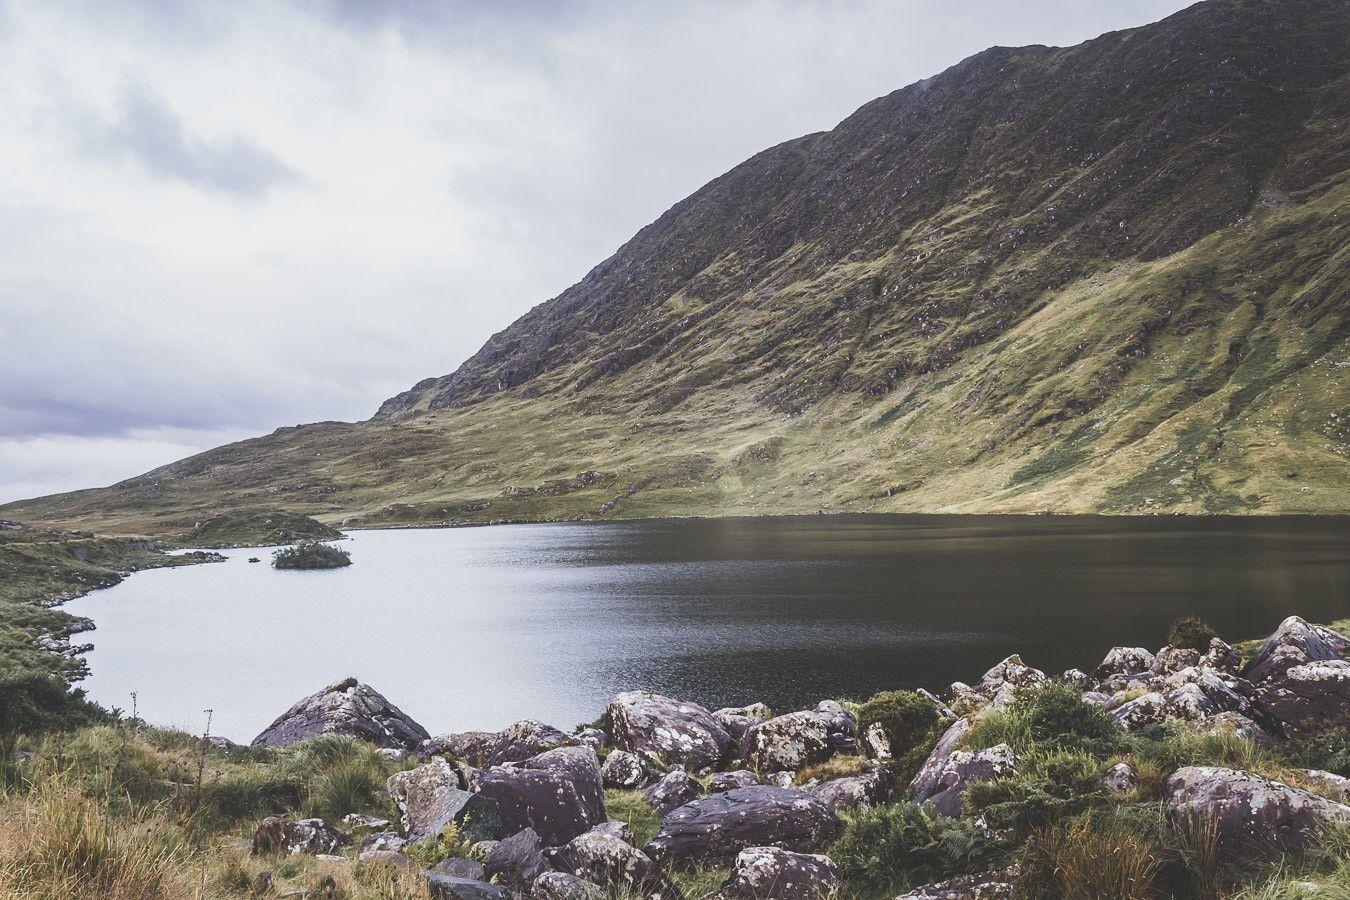 Vue sur le lac Barfinngy dans le comté de Kerry